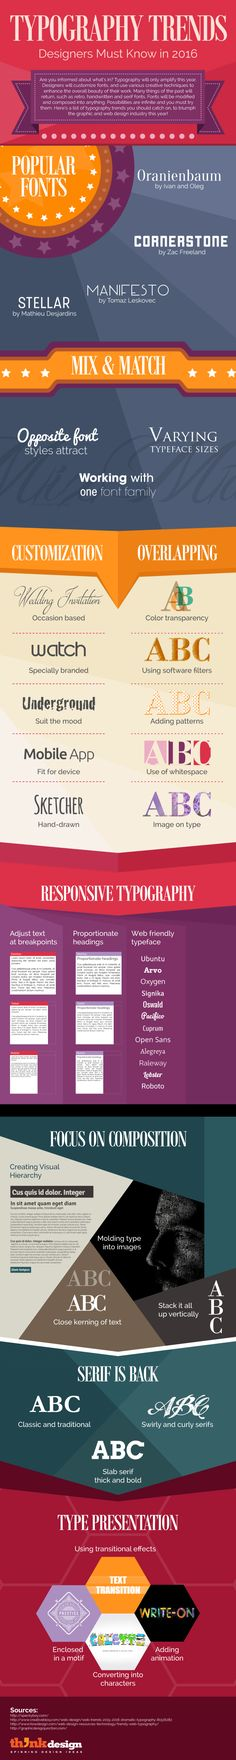 Les grandes tendances typographie en 2016